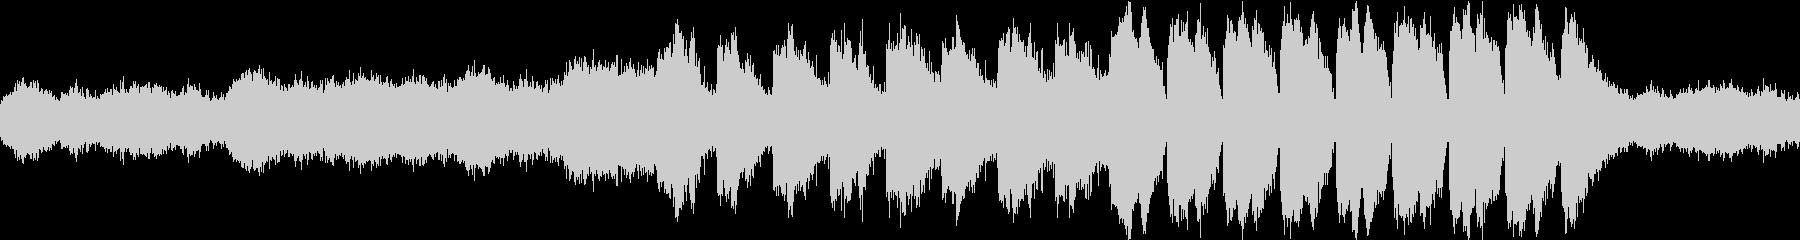 ゲームBGM 妖しい洞窟 ループの未再生の波形